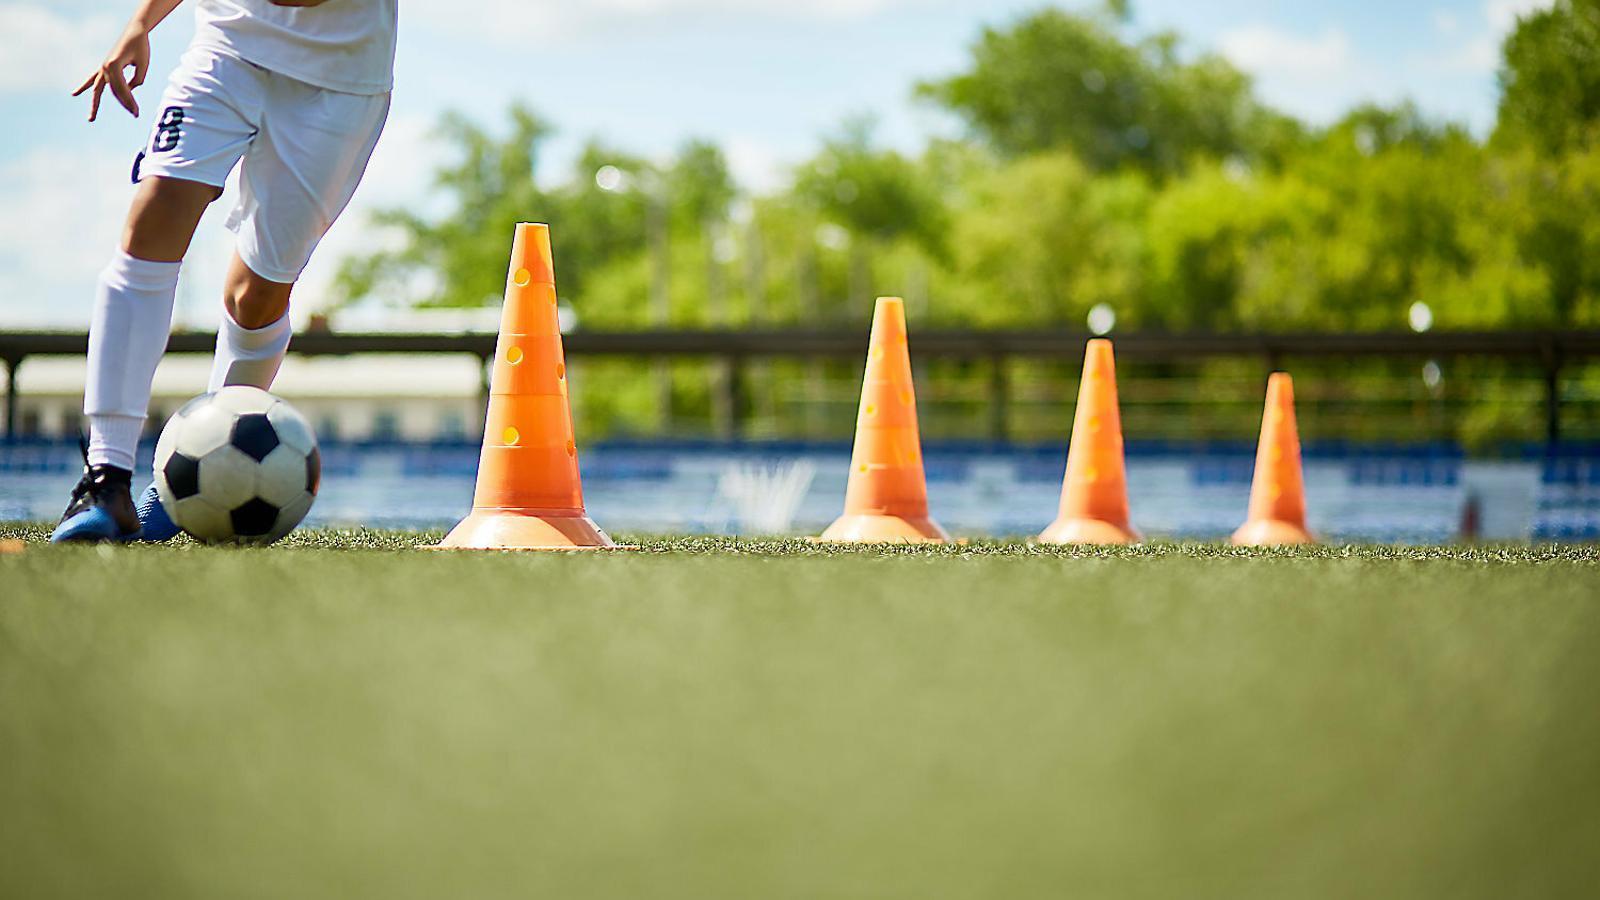 Qui protegeix el teu fill dels abusos quan fa esport?